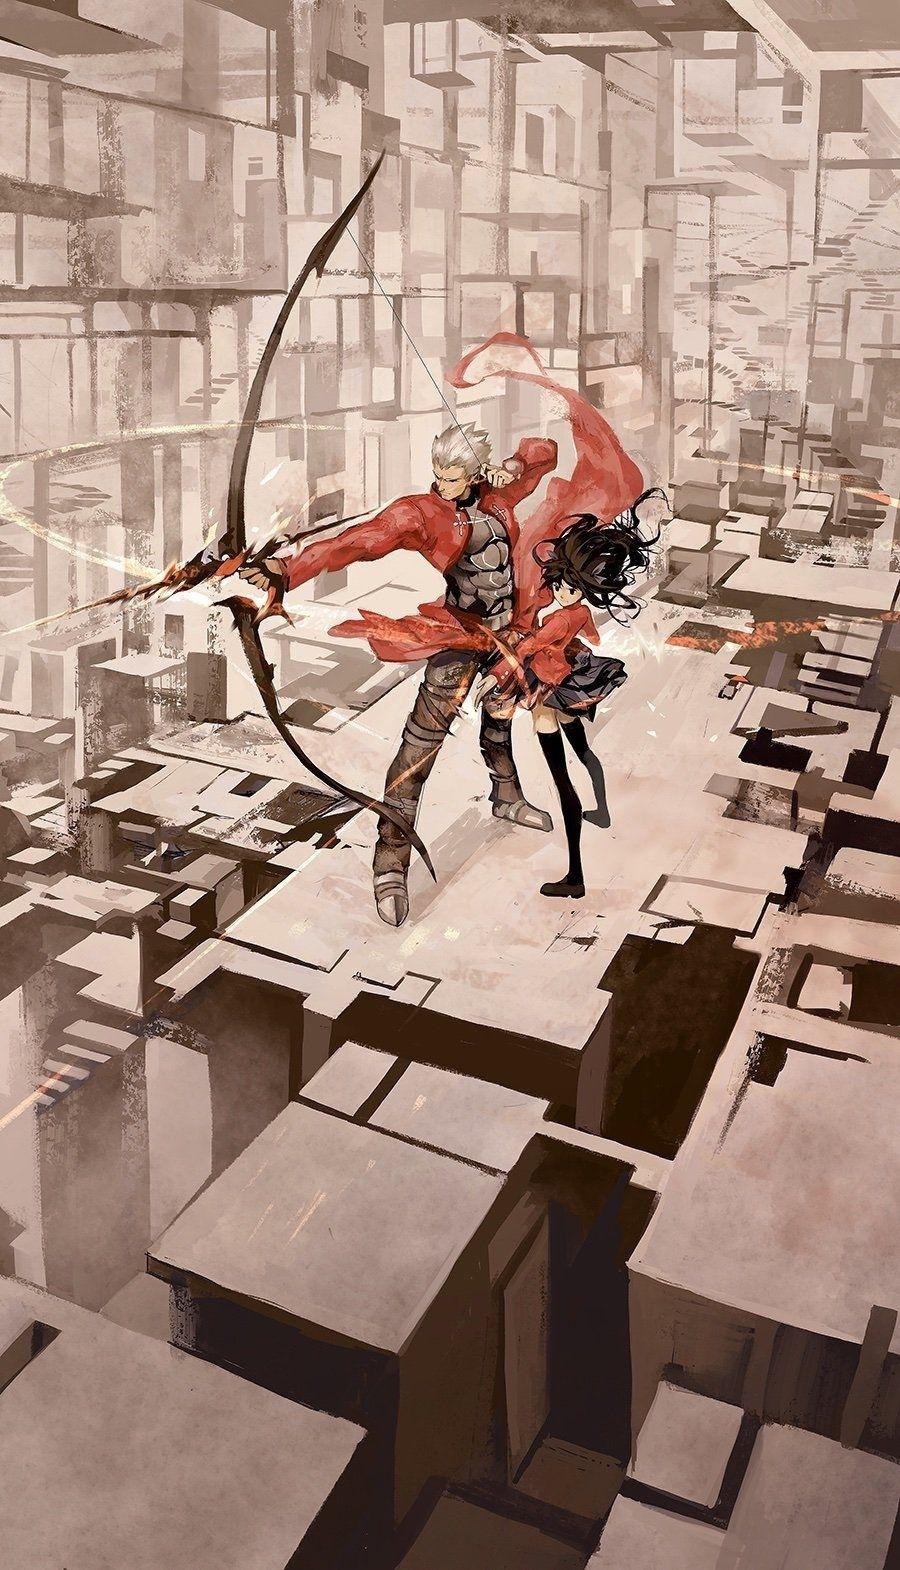 Fate series anime animes wallpapers animes manga